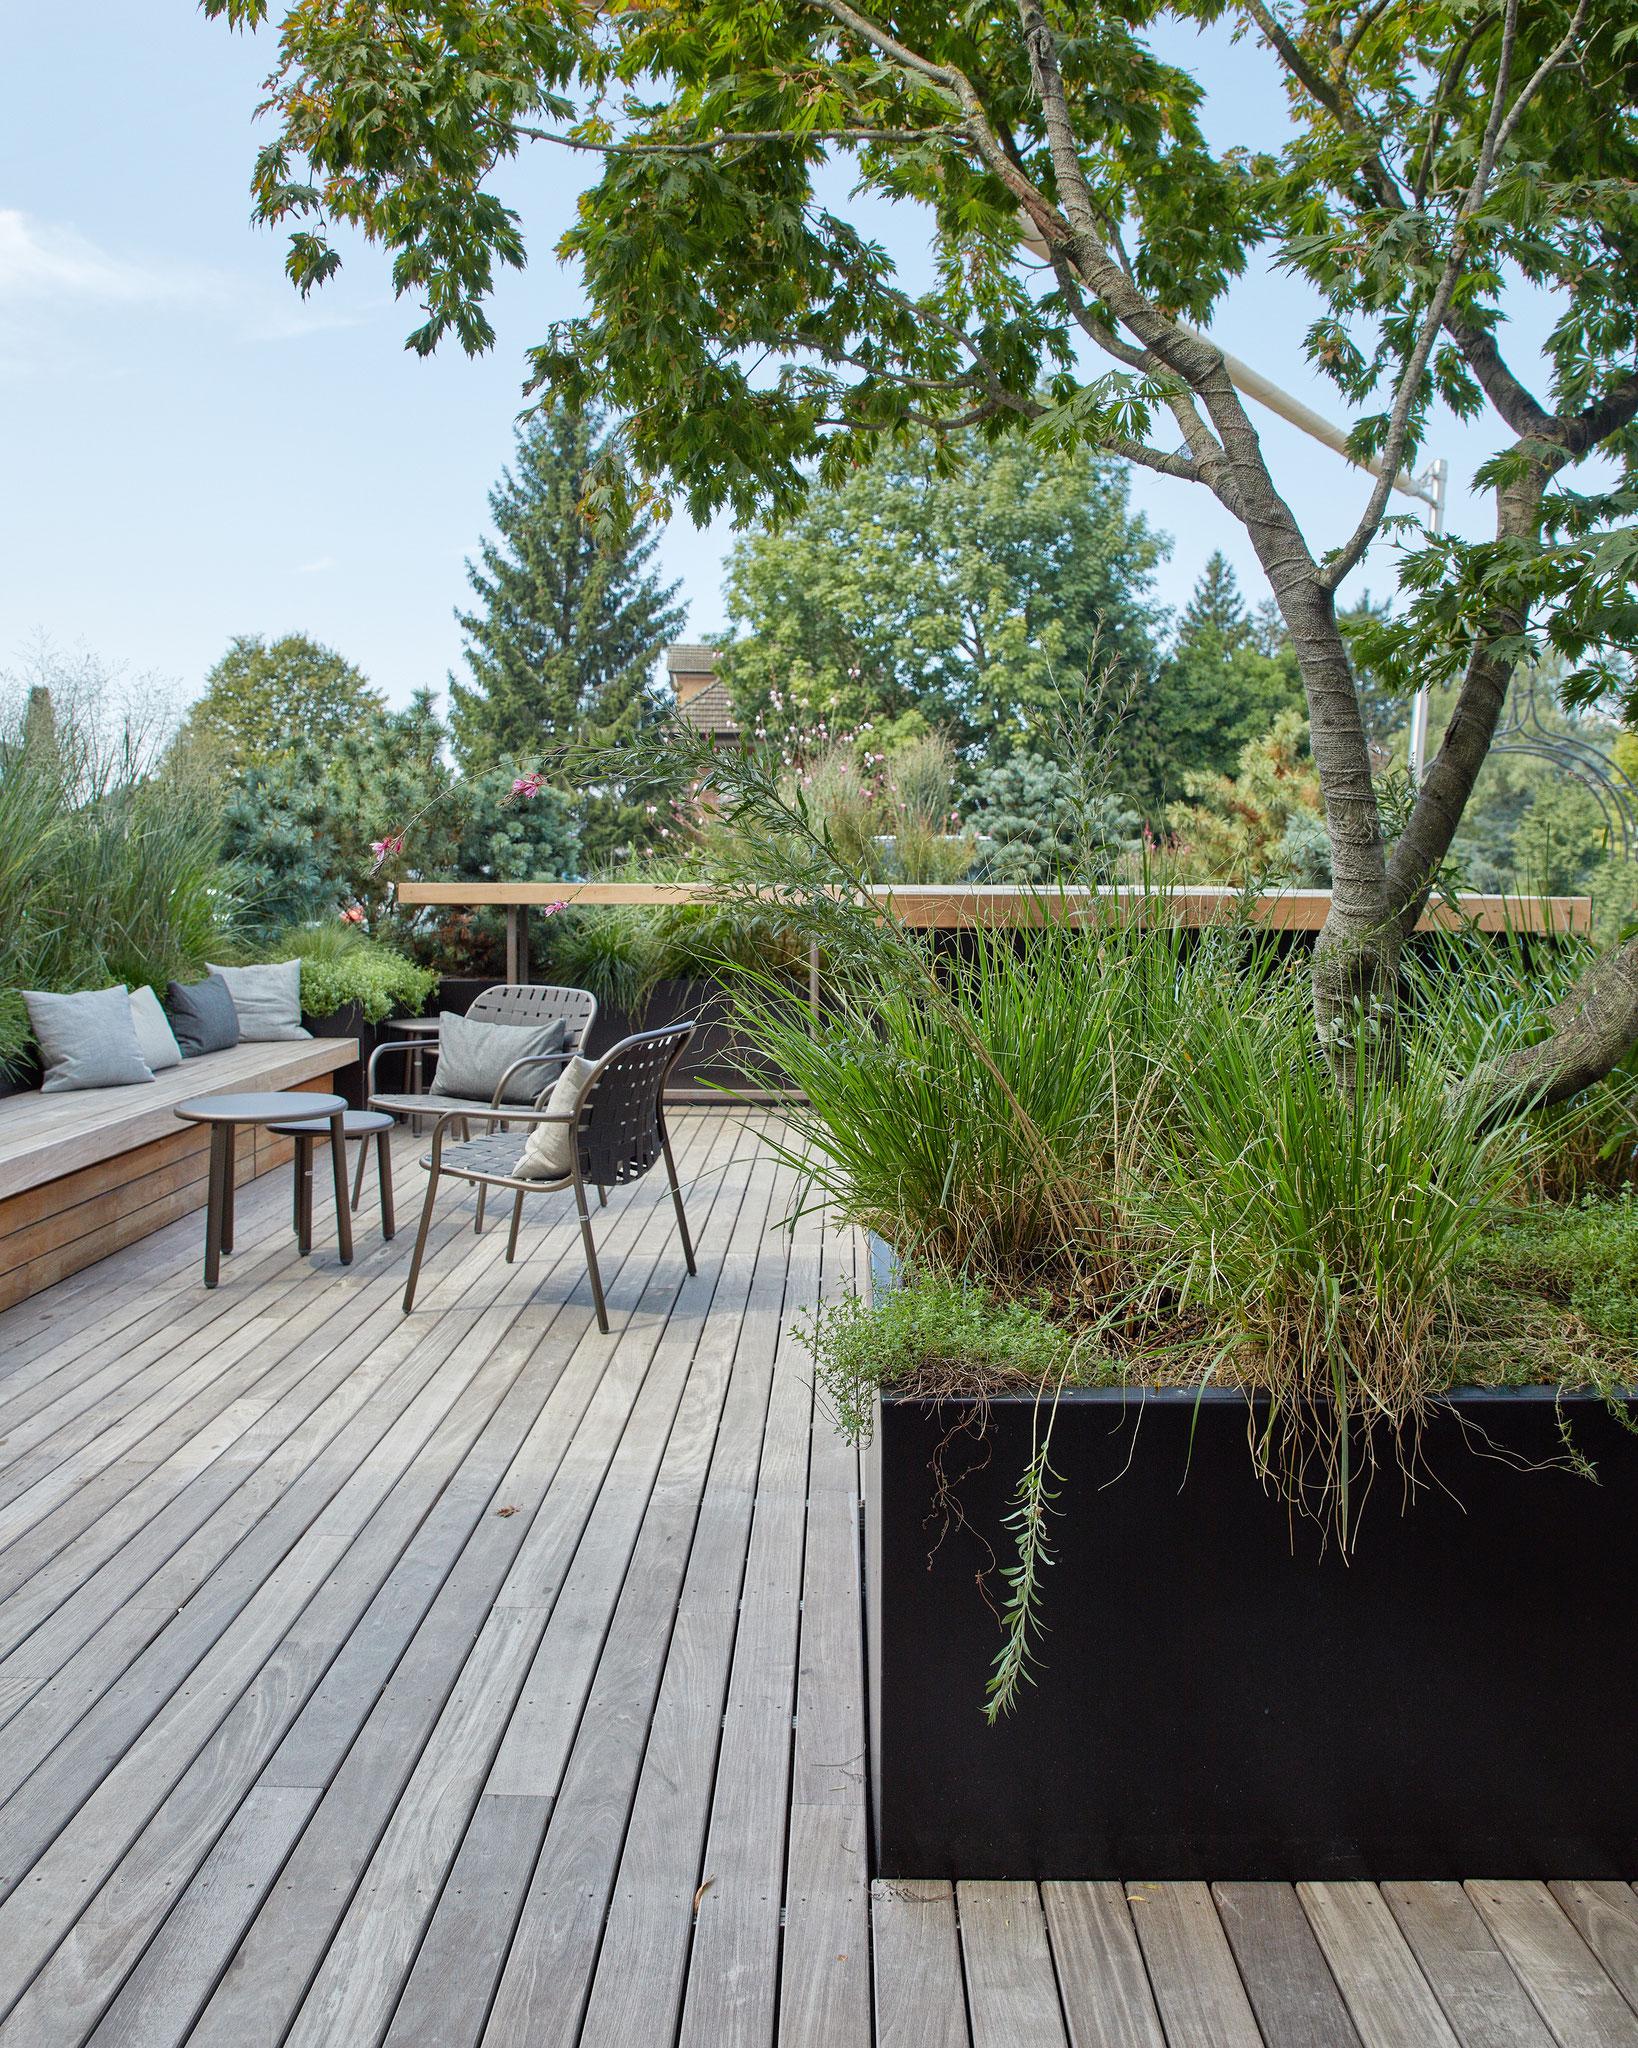 Der Gartendesigner rät dazu, die Natur nahe an das Haus heranzuholen, damit man auch von drinnen der Pracht frönt – und nicht bloss auf die Gartenmöbel blickt.